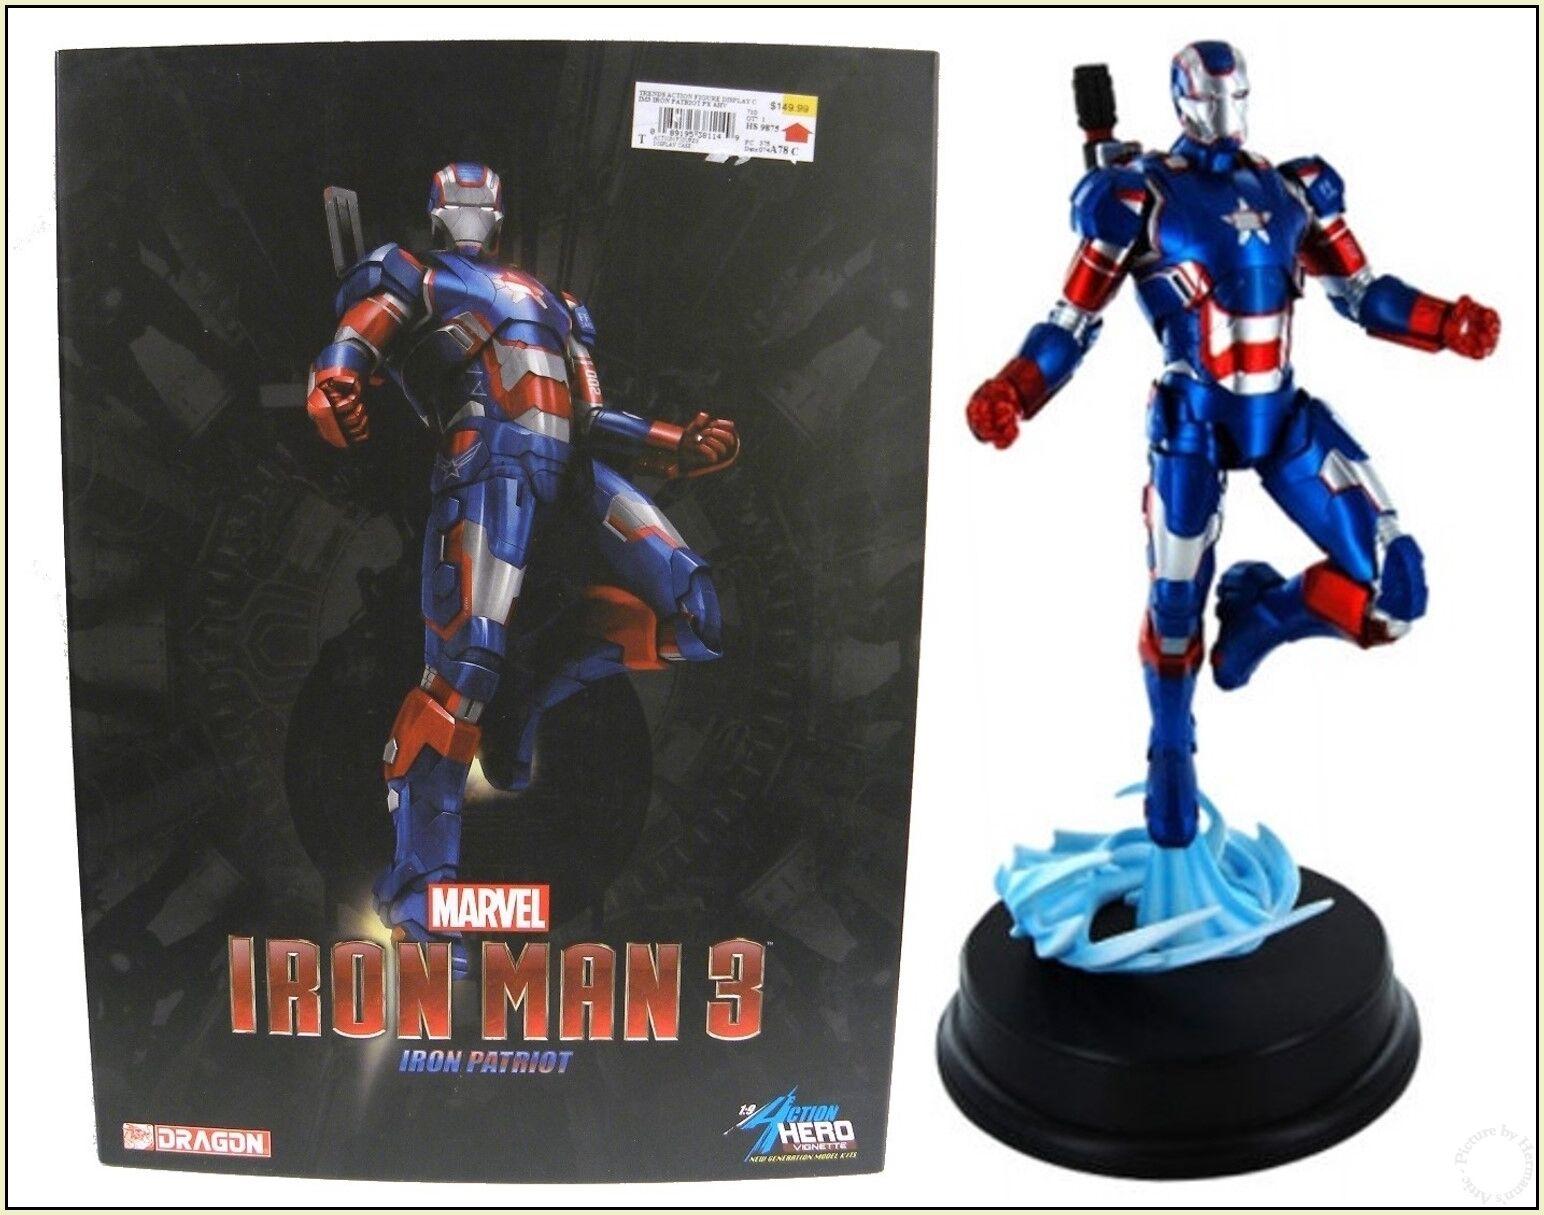 Iron uomo 3 Iron Patriot Armor 1 9 azione Hero Vignette by Dragon modellos